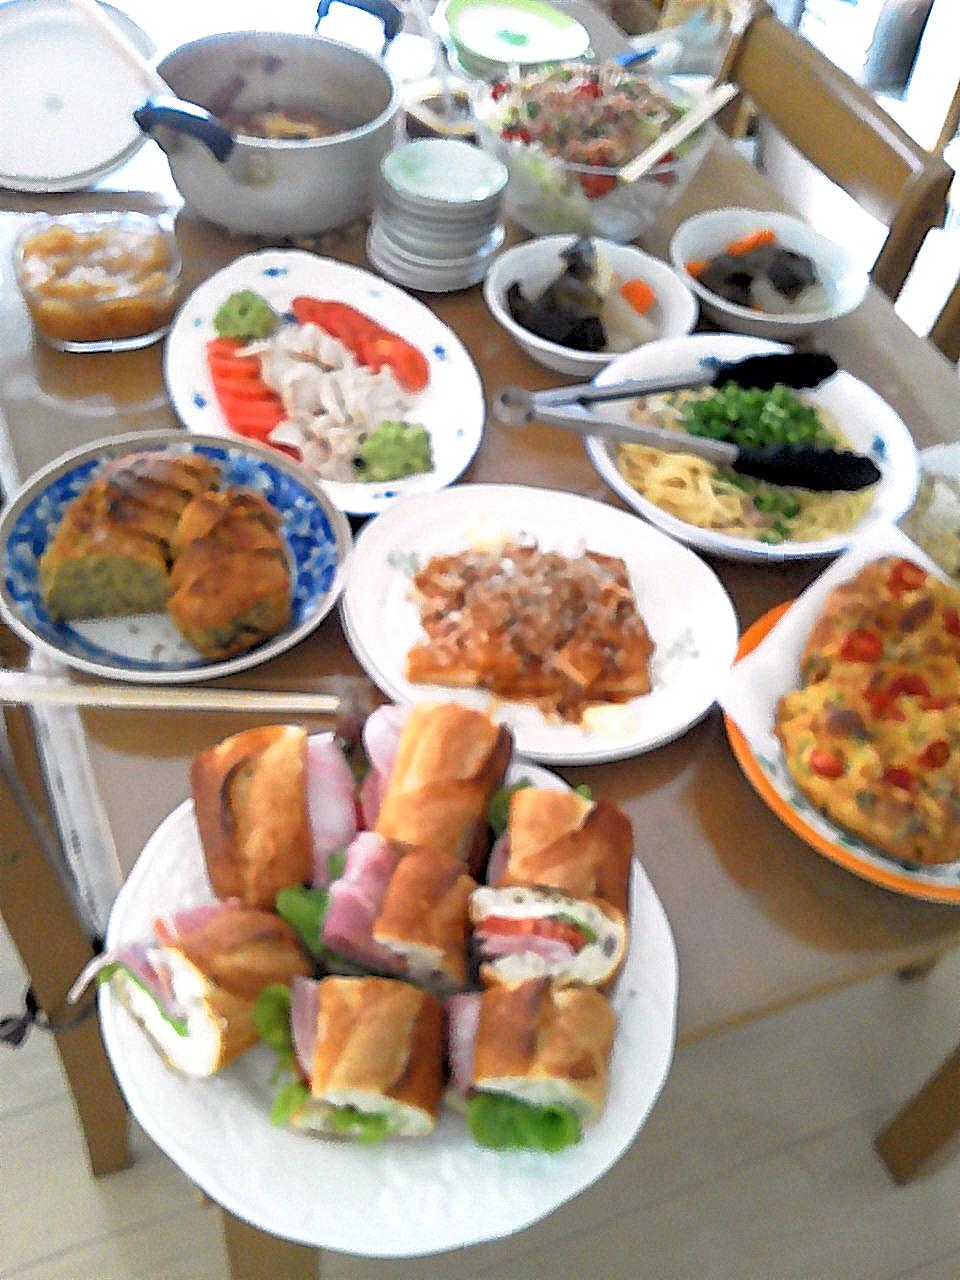 ホウレン草と豚のお弁当_b0171098_8222436.jpg